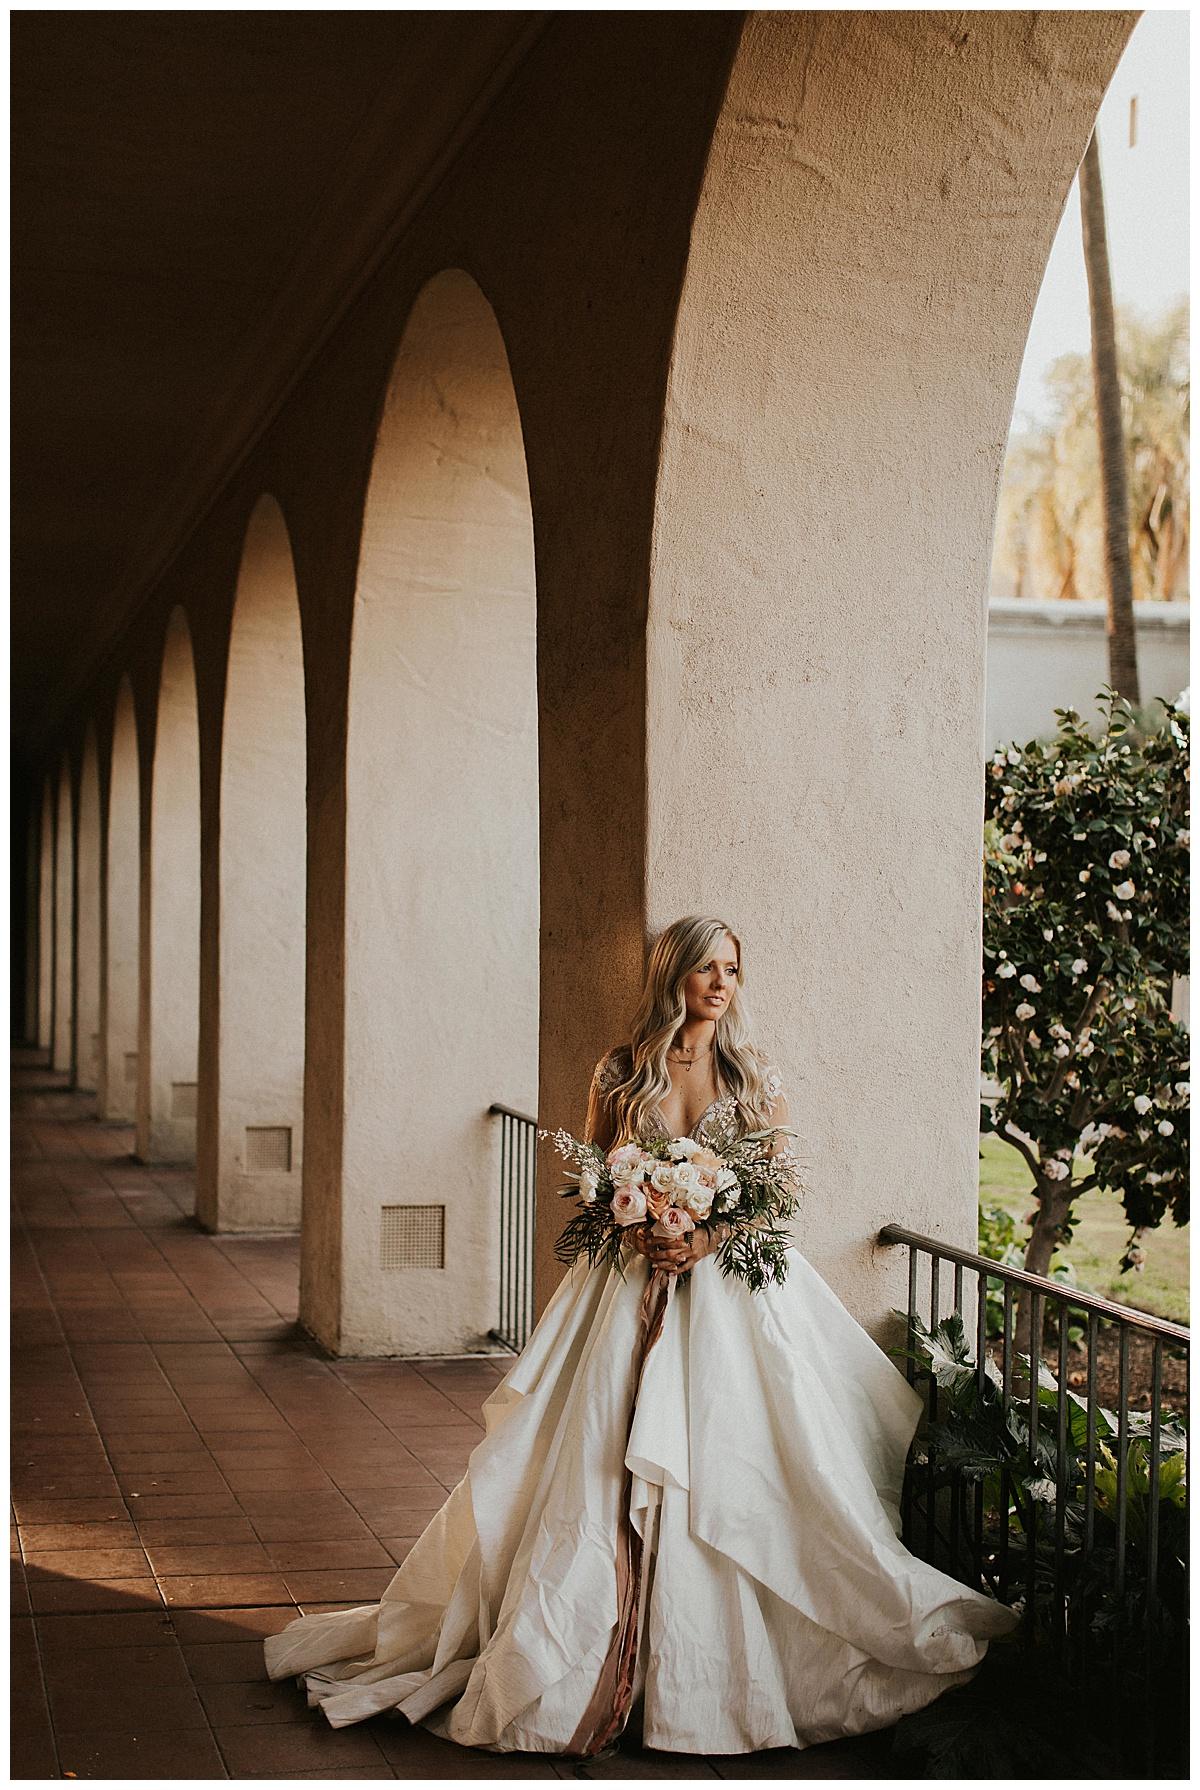 Bixby+Pine-Sarah-Anne-Photography-Balboa-Park-San-Diego-Californai_0011.jpg